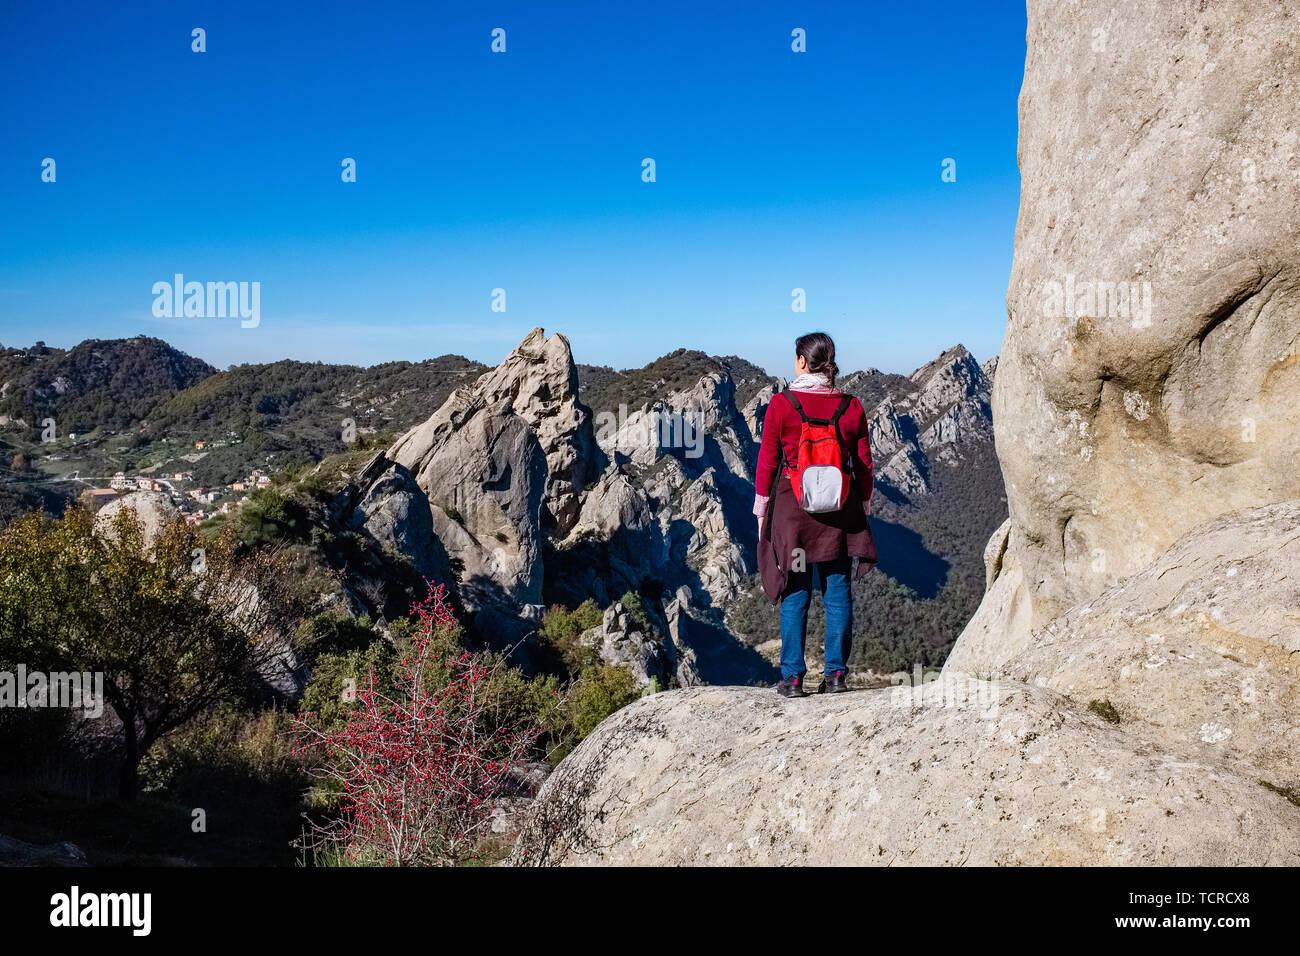 Woman admires the landscape of Dolomites of Basilicata mountains called Dolomiti Lucane. Basilicata region, Italy - Stock Image